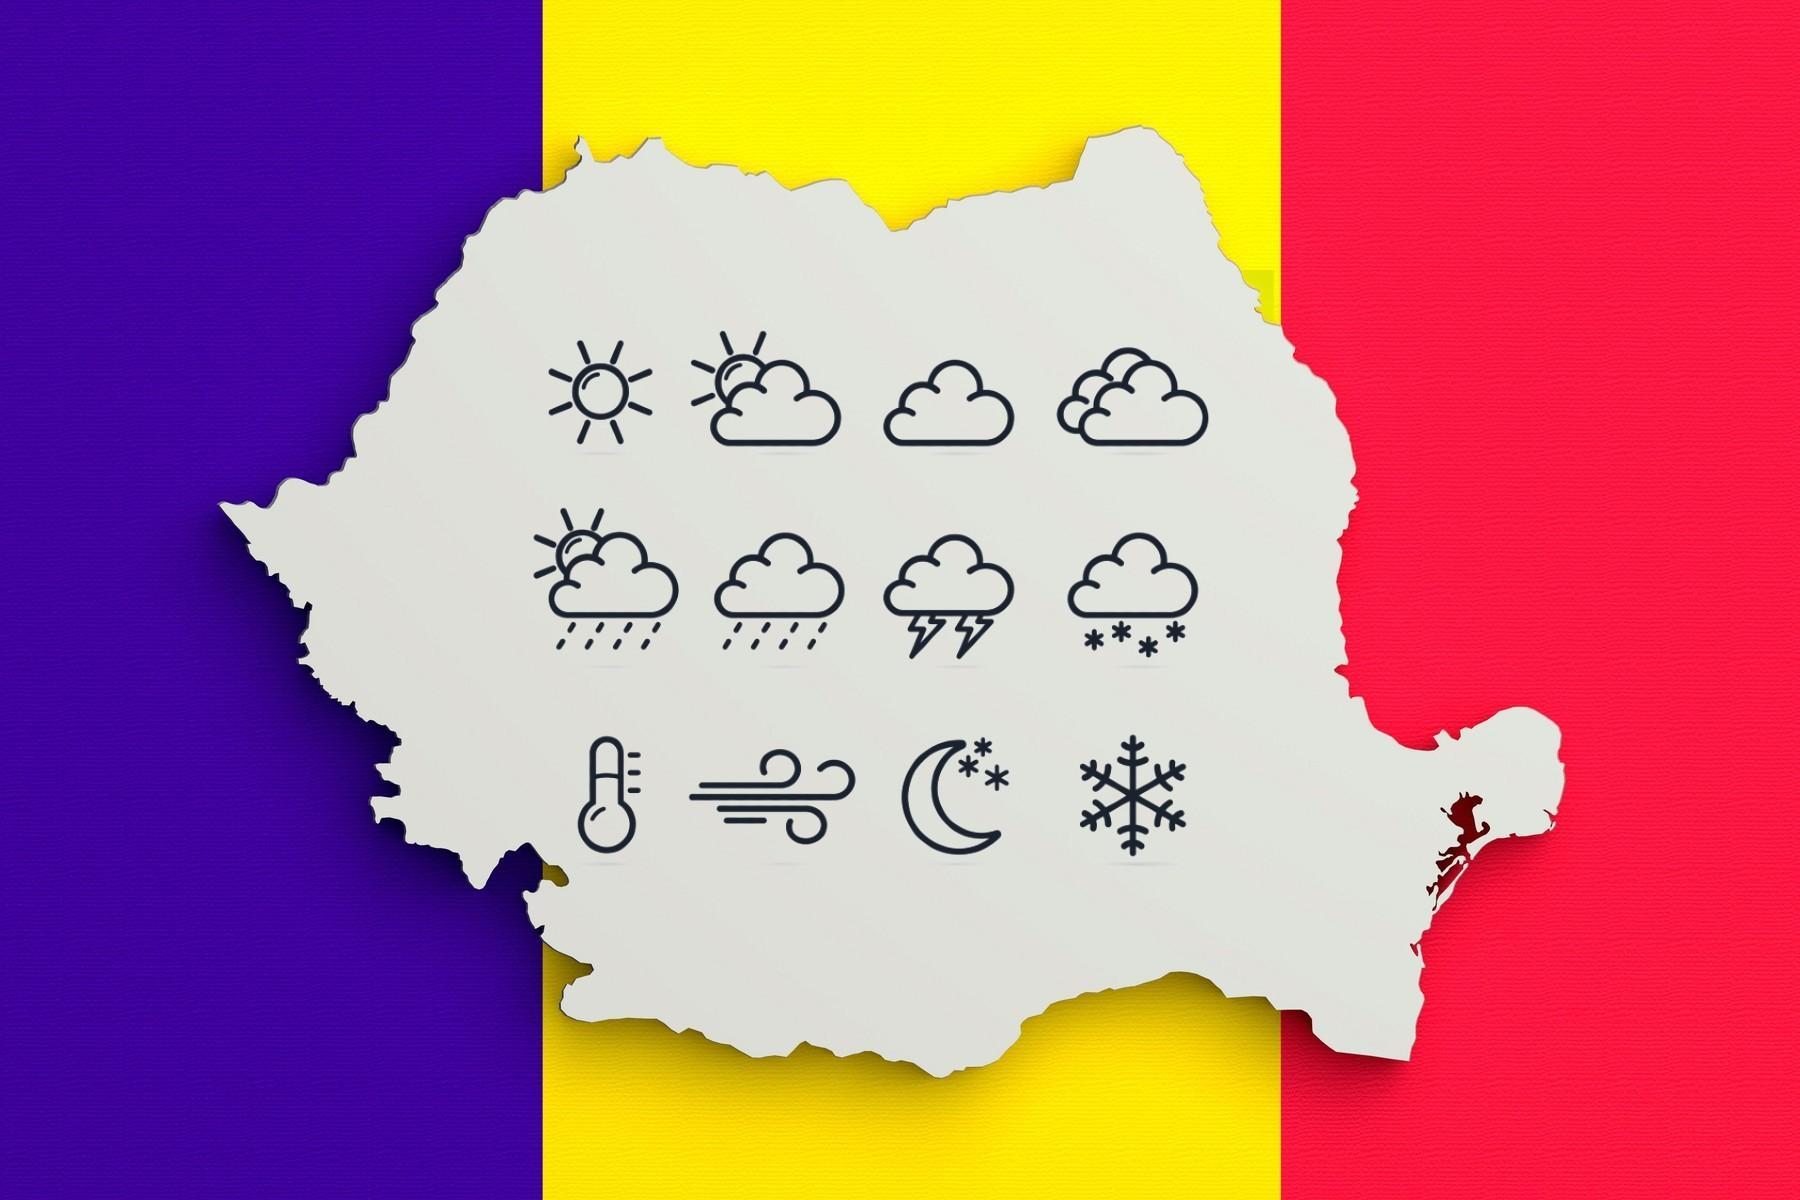 Prognoza meteo 1 decembrie 2020. Cum e vremea în România și care sunt previziunile ANM pentru astăzi